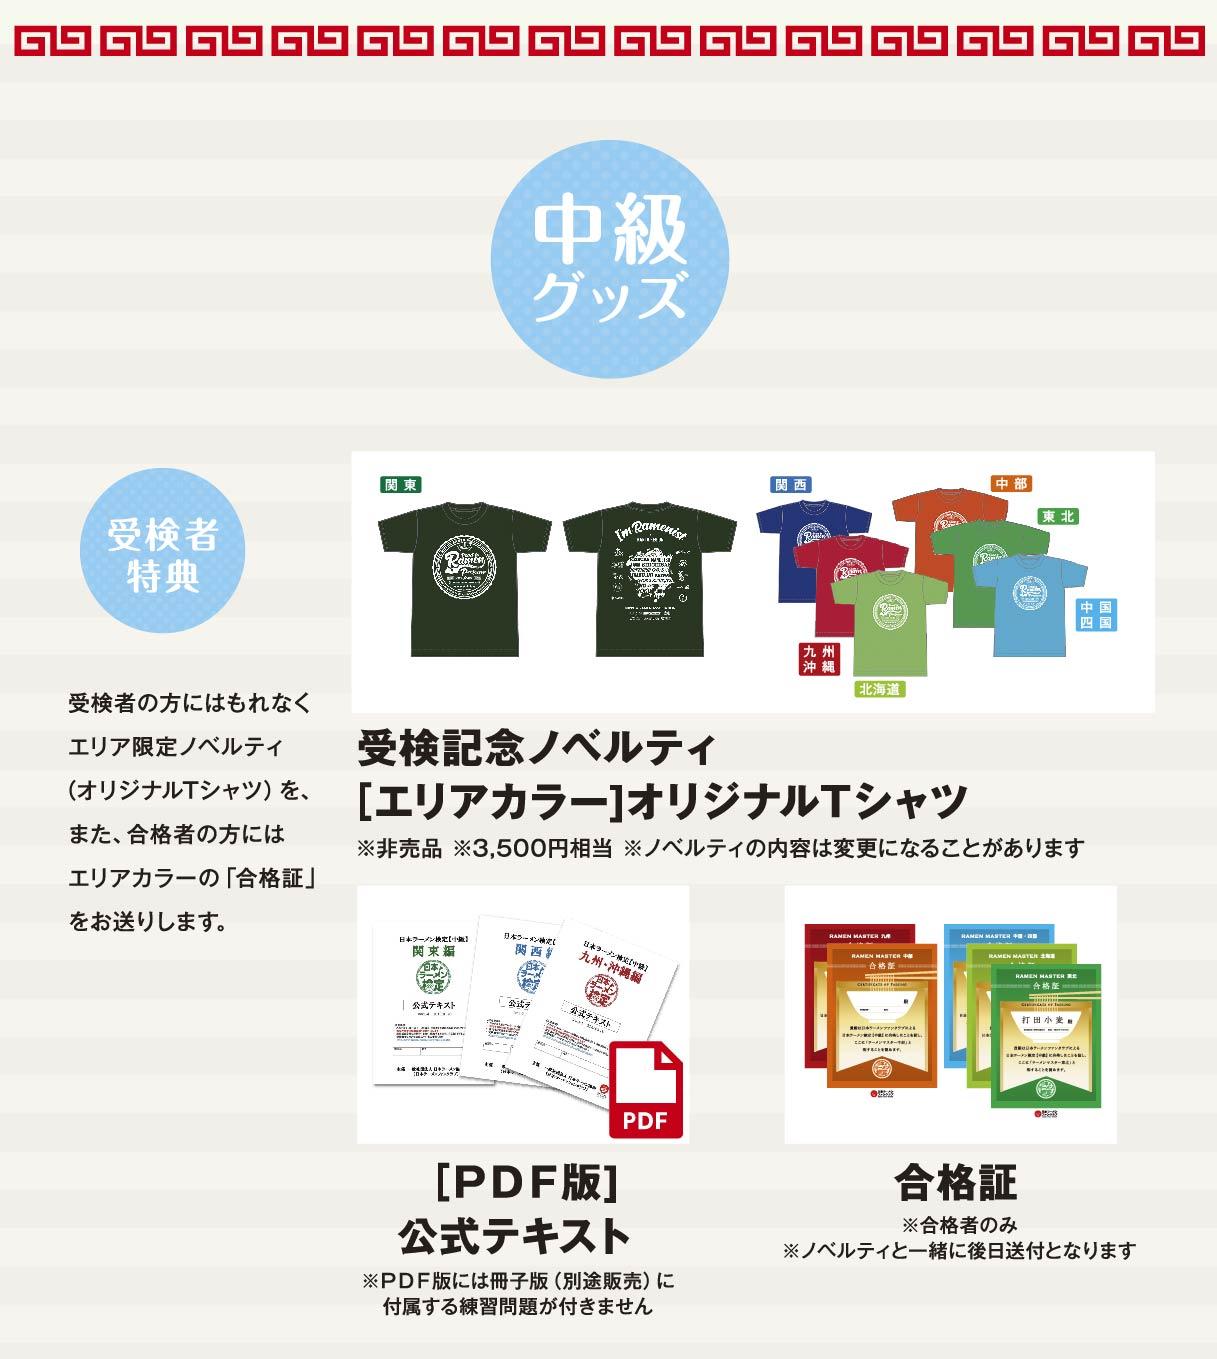 中級グッズ 受検者特典 受検者の方にはもれなくエリア限定ノベルティ(オリジナルTシャツ)を、また、合格者の方にはエリアカラーの「合格証」をお送りします。 受検記念ノベルティ [エリアカラー]オリジナルTシャツ ※非売品 ※3,500円相当 ※ノベルティの内容は変更になることがあります [PDF版]公式テキスト ※PDF版には冊子版(別途販売)に付属する練習問題が付きません 合格証 ※合格者のみ※ノベルティと一緒に後日送付となります